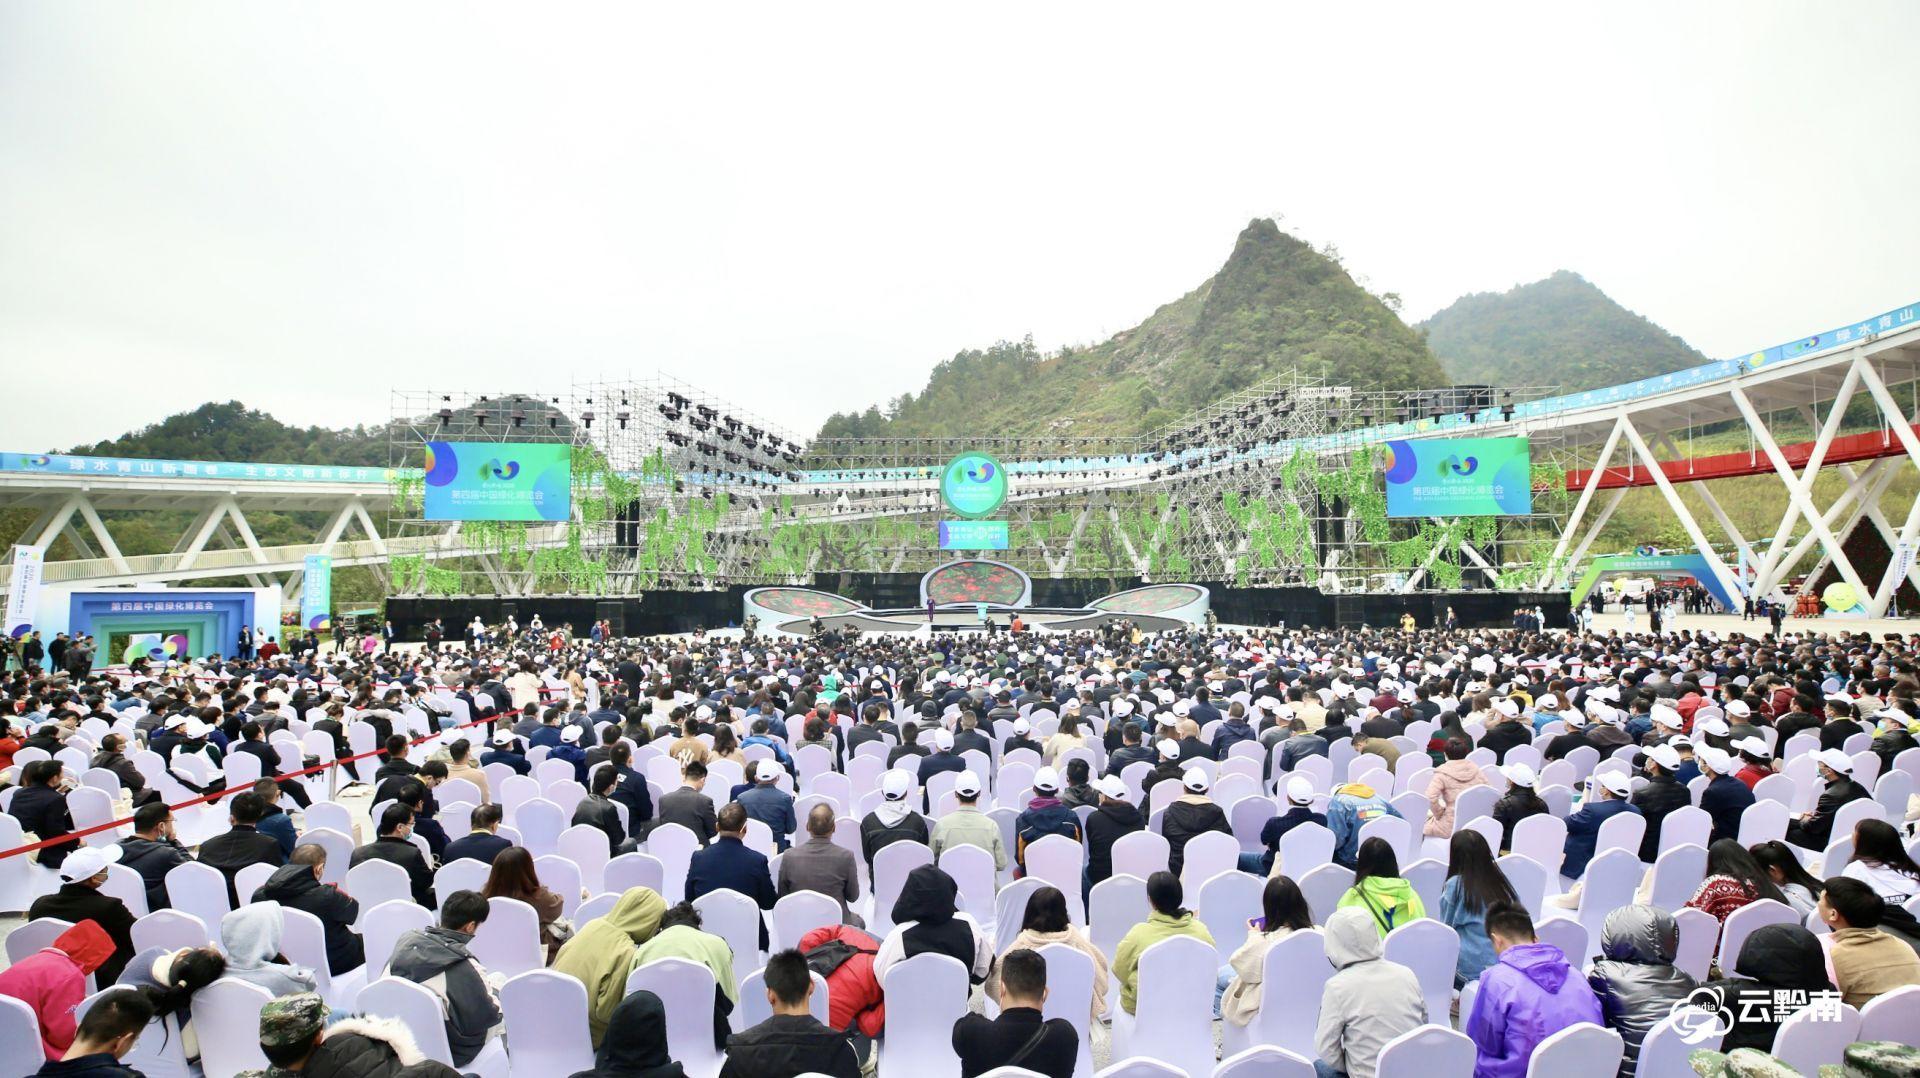 黔南大地迎盛会 九州高朋聚匀城——第四届中国绿化博览会开幕式剪影